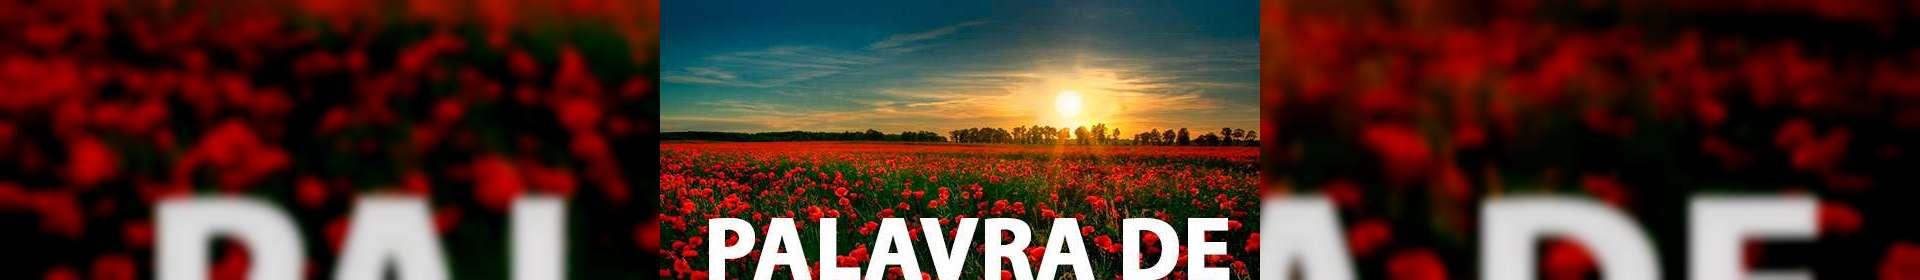 Salmos 9:1,2 - Uma Palavra de Esperança para sua vida